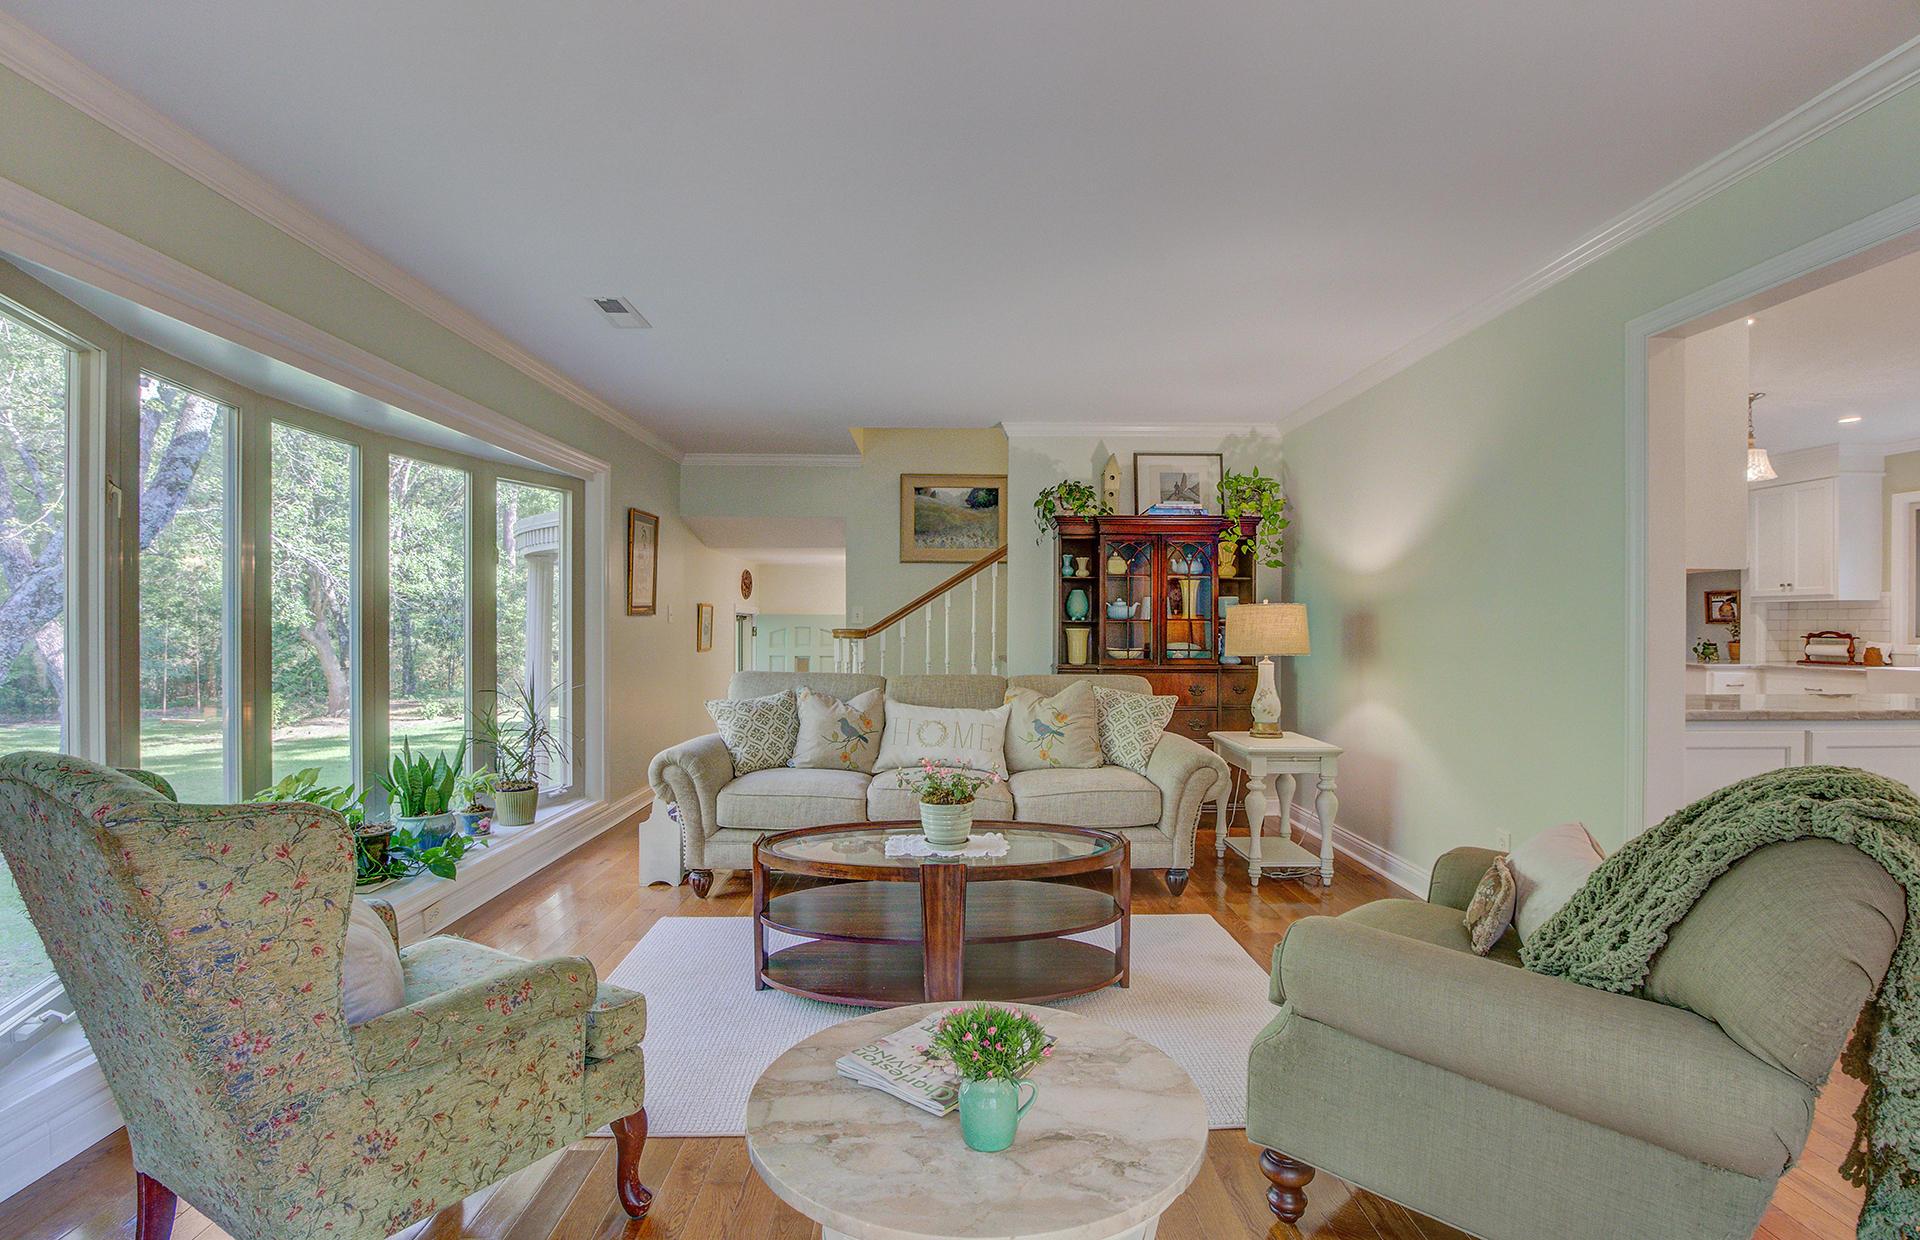 Pine Forest Inn Homes For Sale - 543 Simmons, Summerville, SC - 15